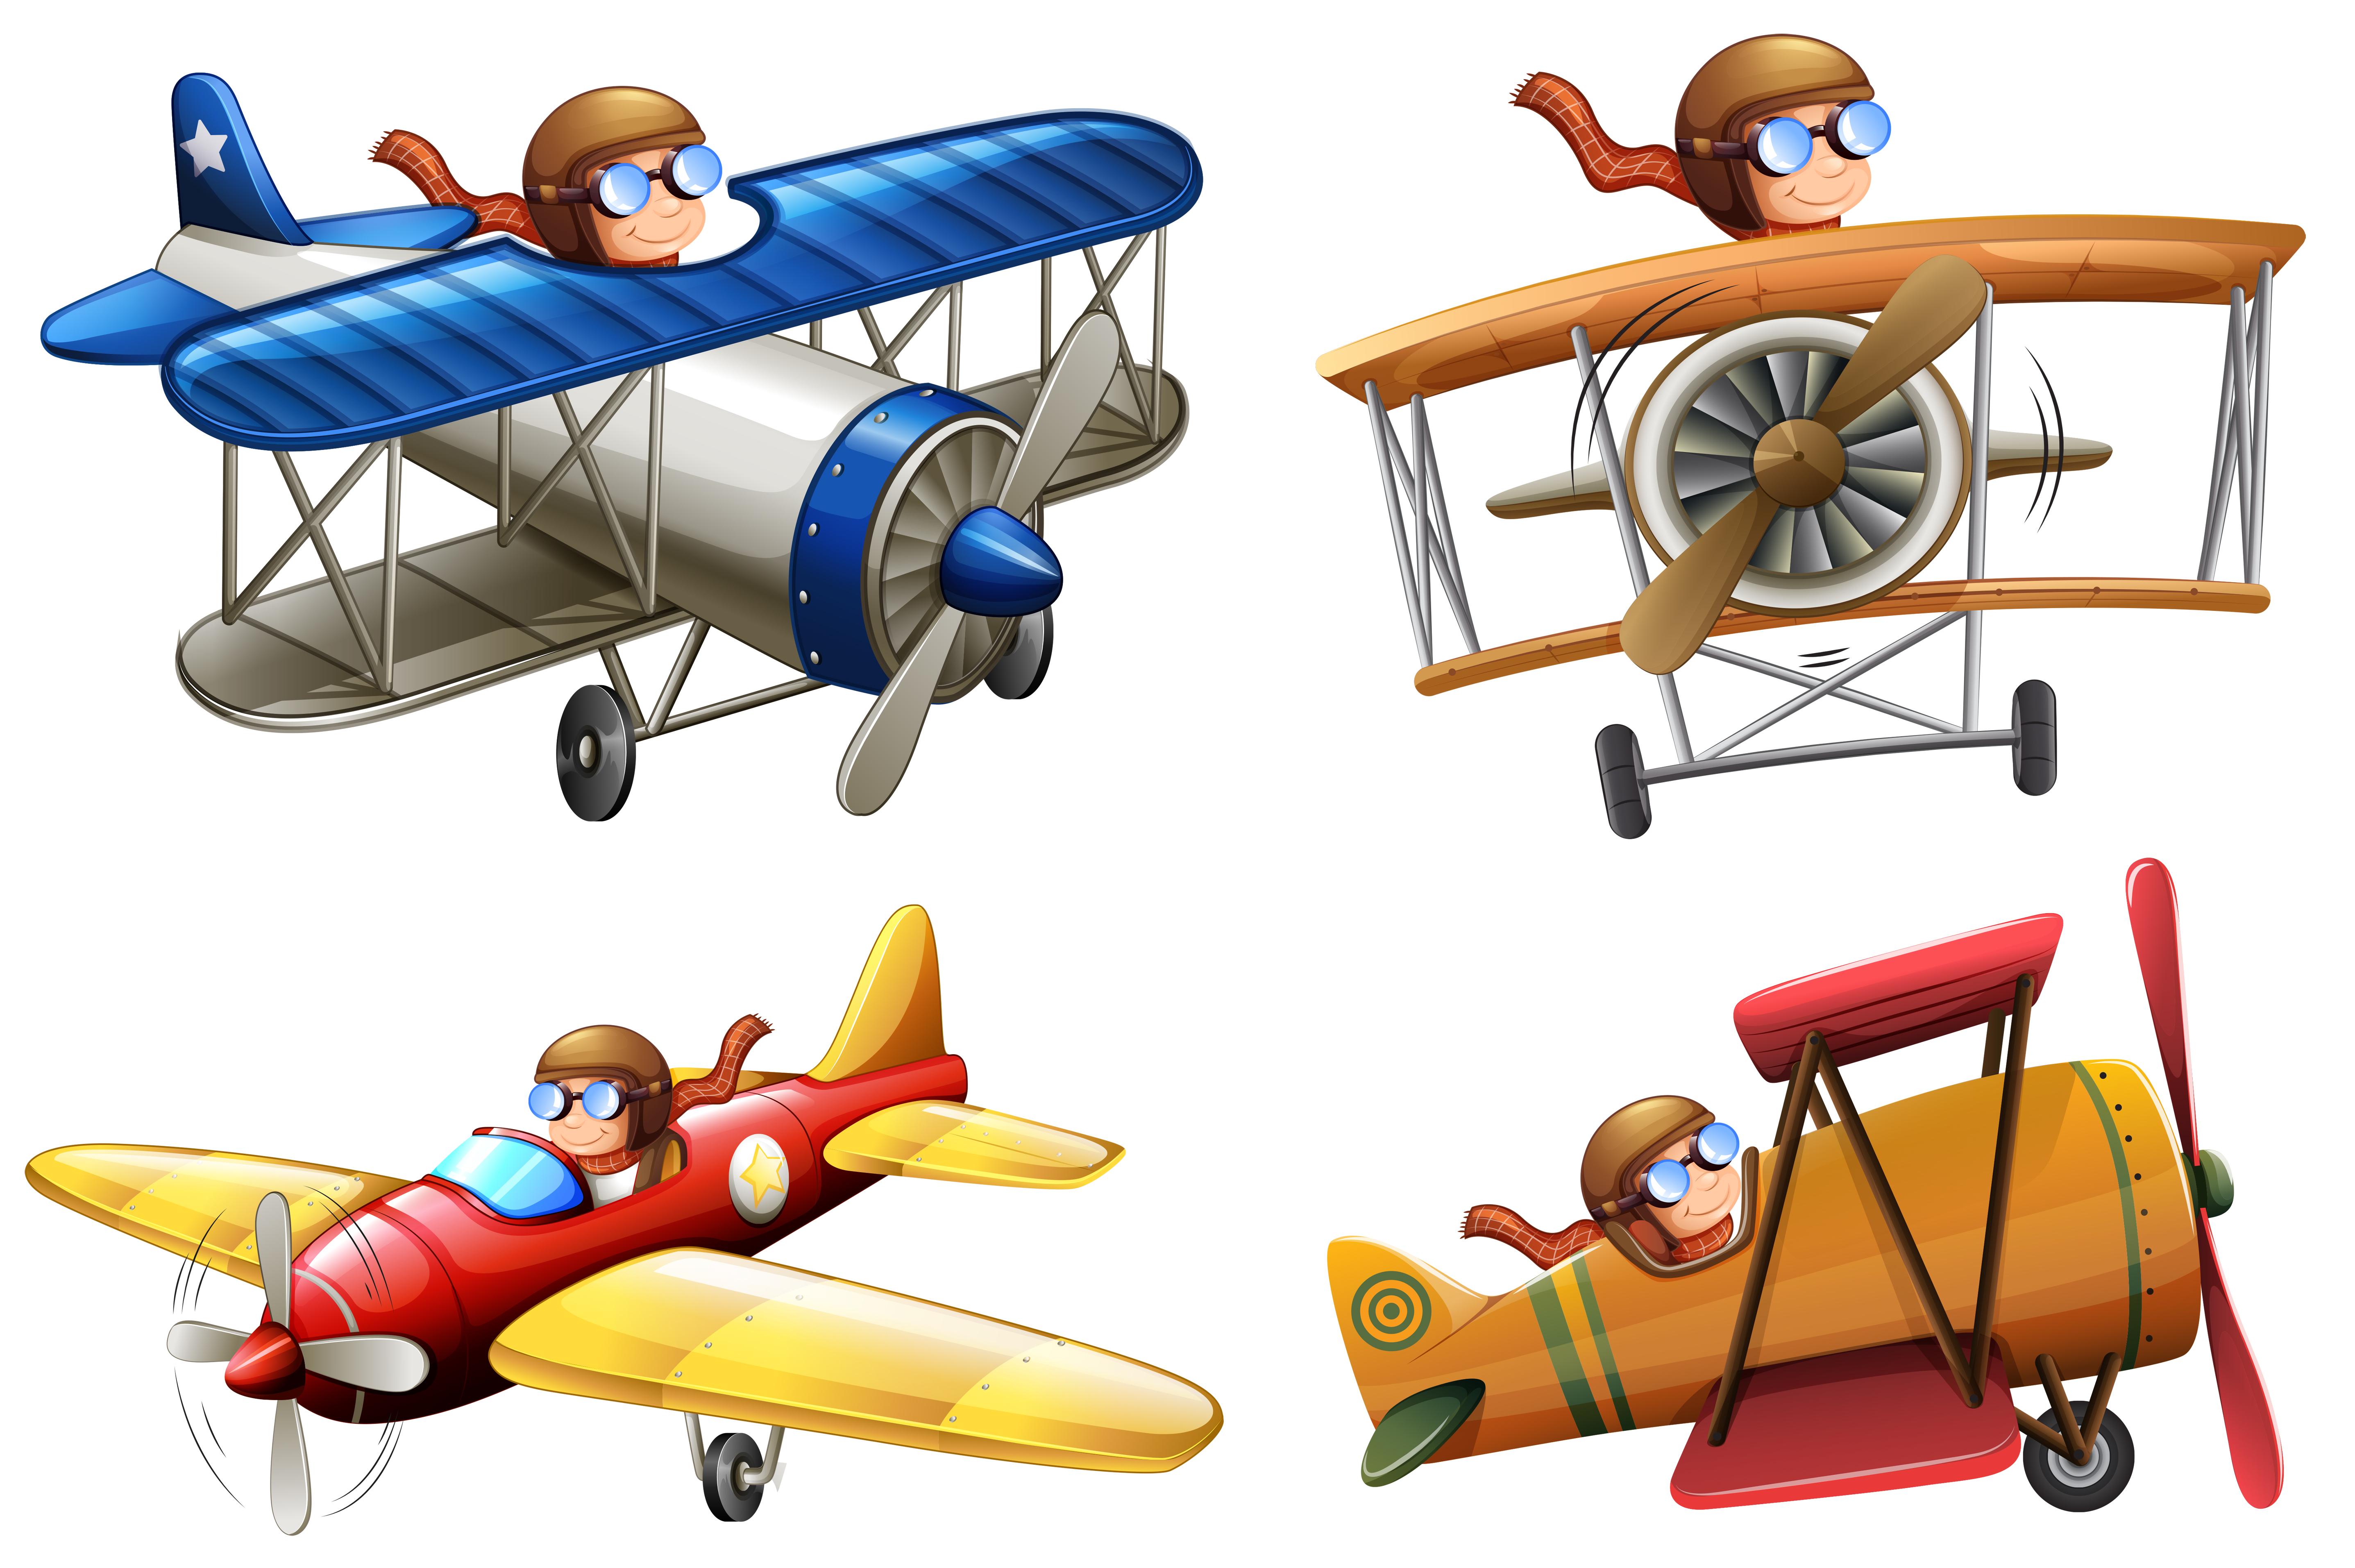 卡通飛機 免費下載 | 天天瘋後製